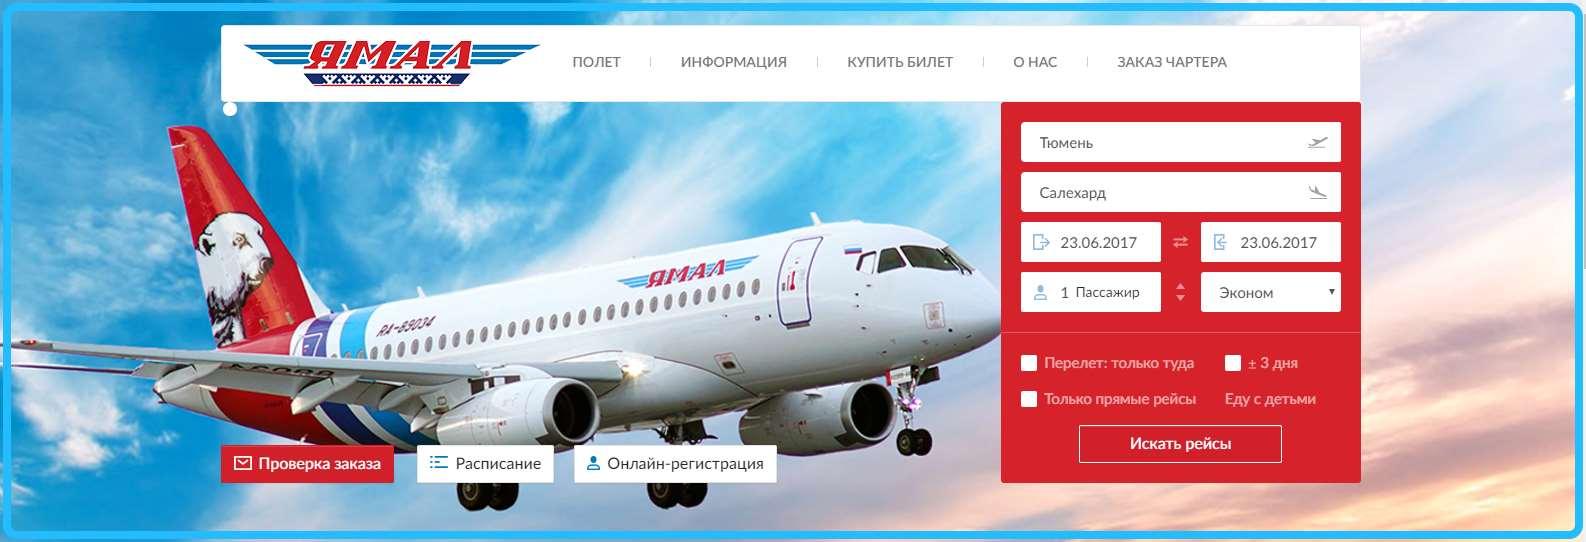 официальный сайт авиакомпании Ямал